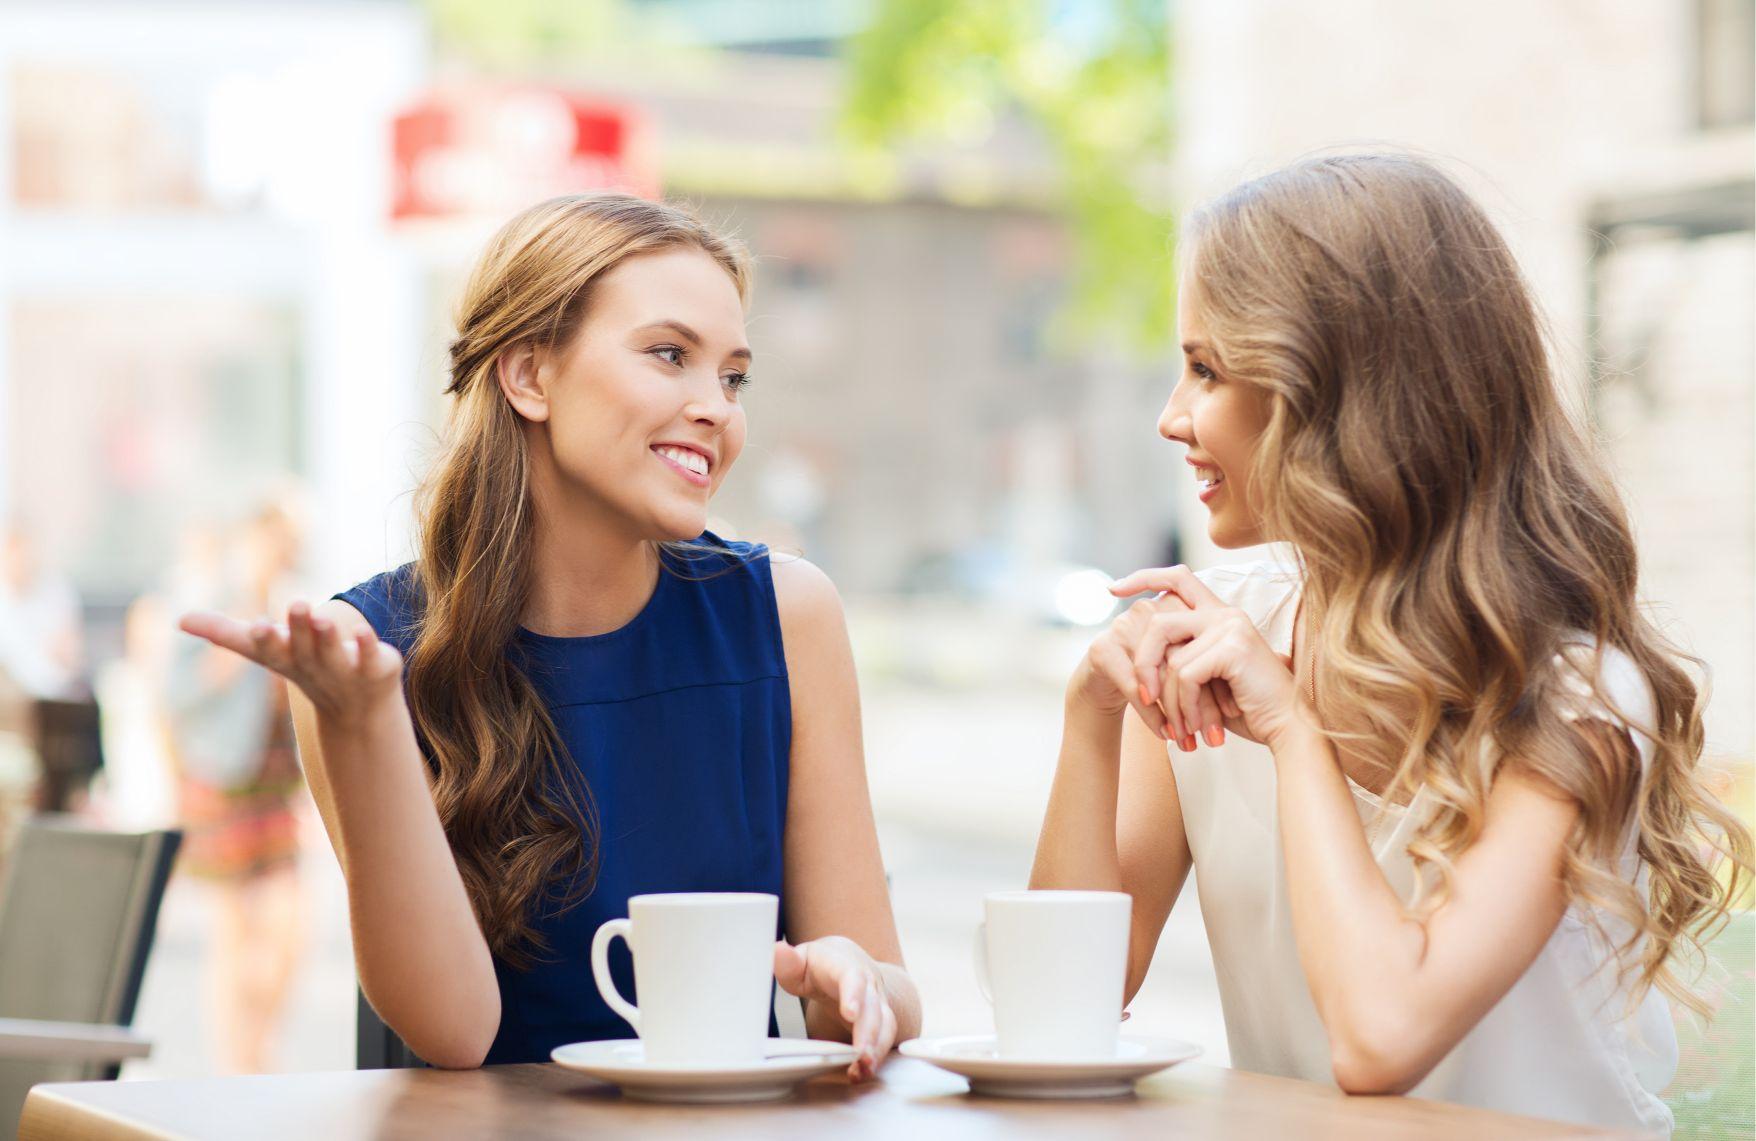 つまずきやすい日常会話のフレーズ